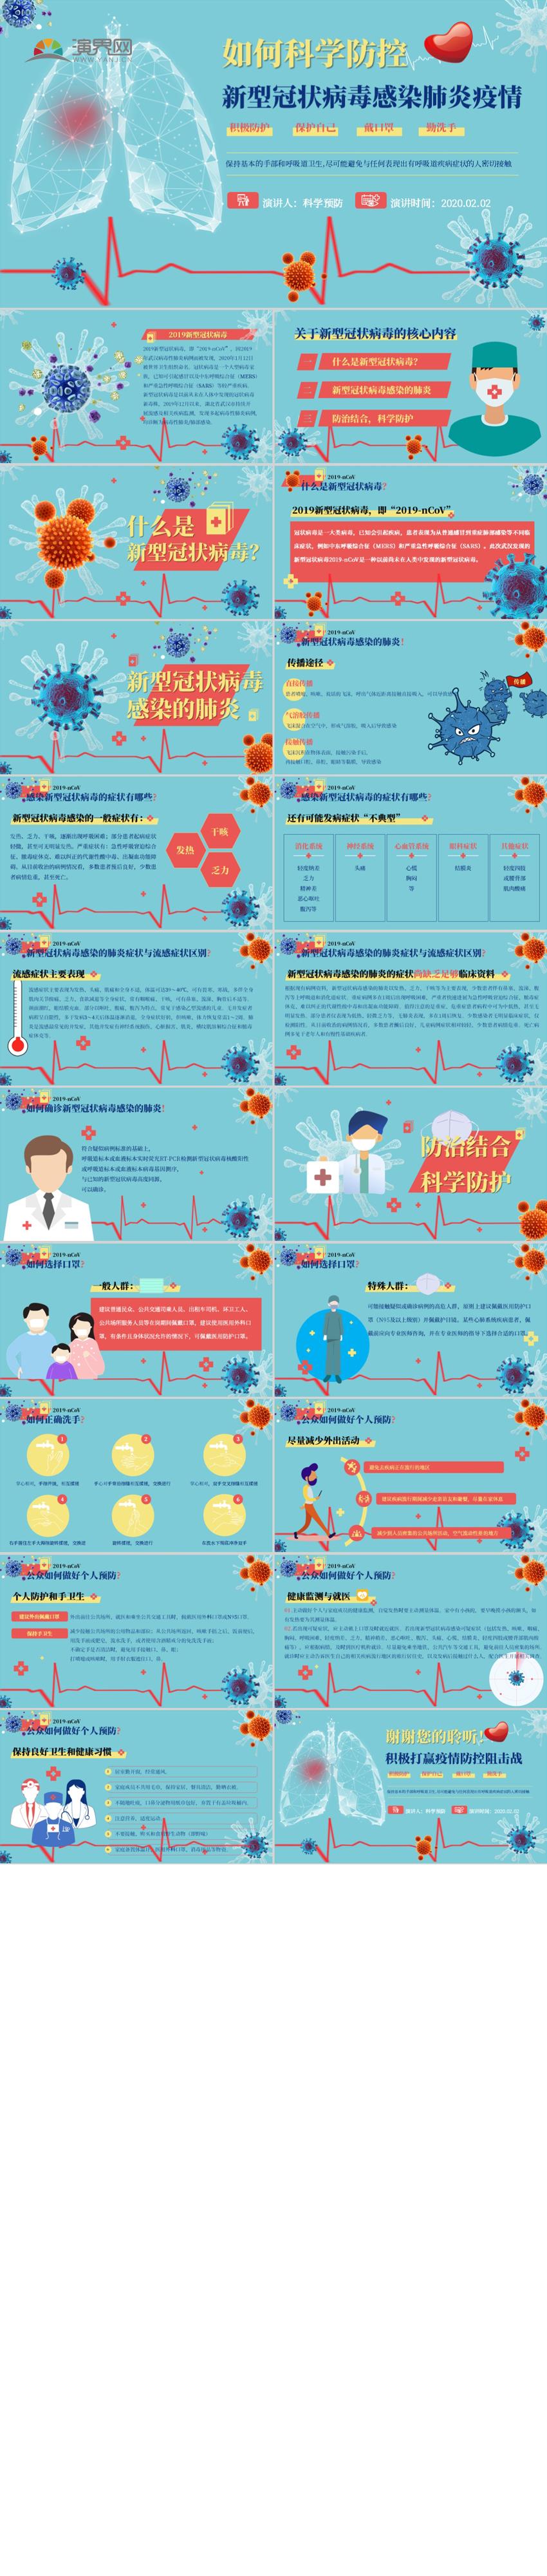 作品标题:防控新型冠状病毒肺炎健康知识宣传ppt模板图片